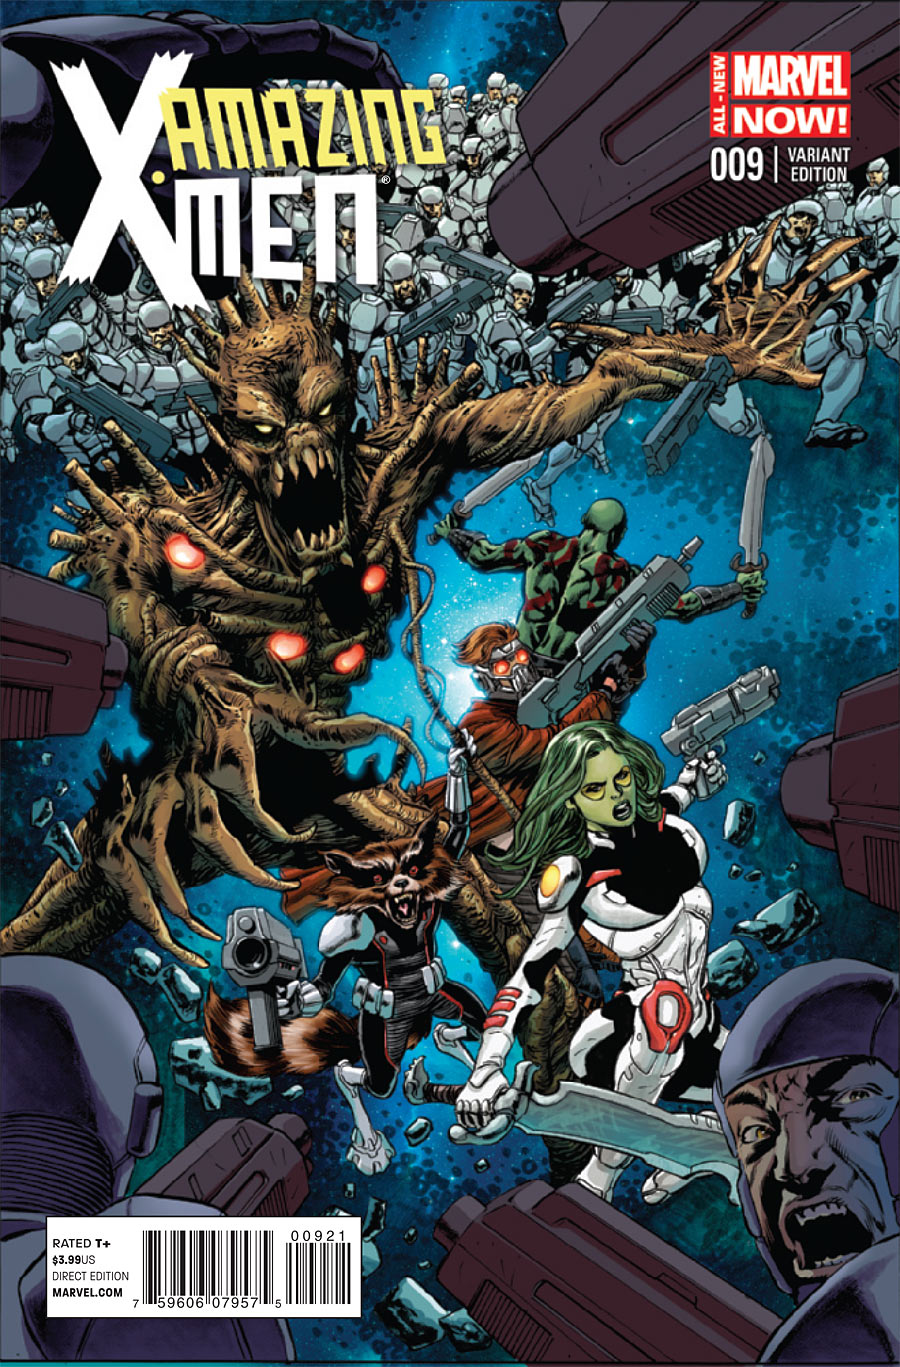 Amazing X-Men #9 variant